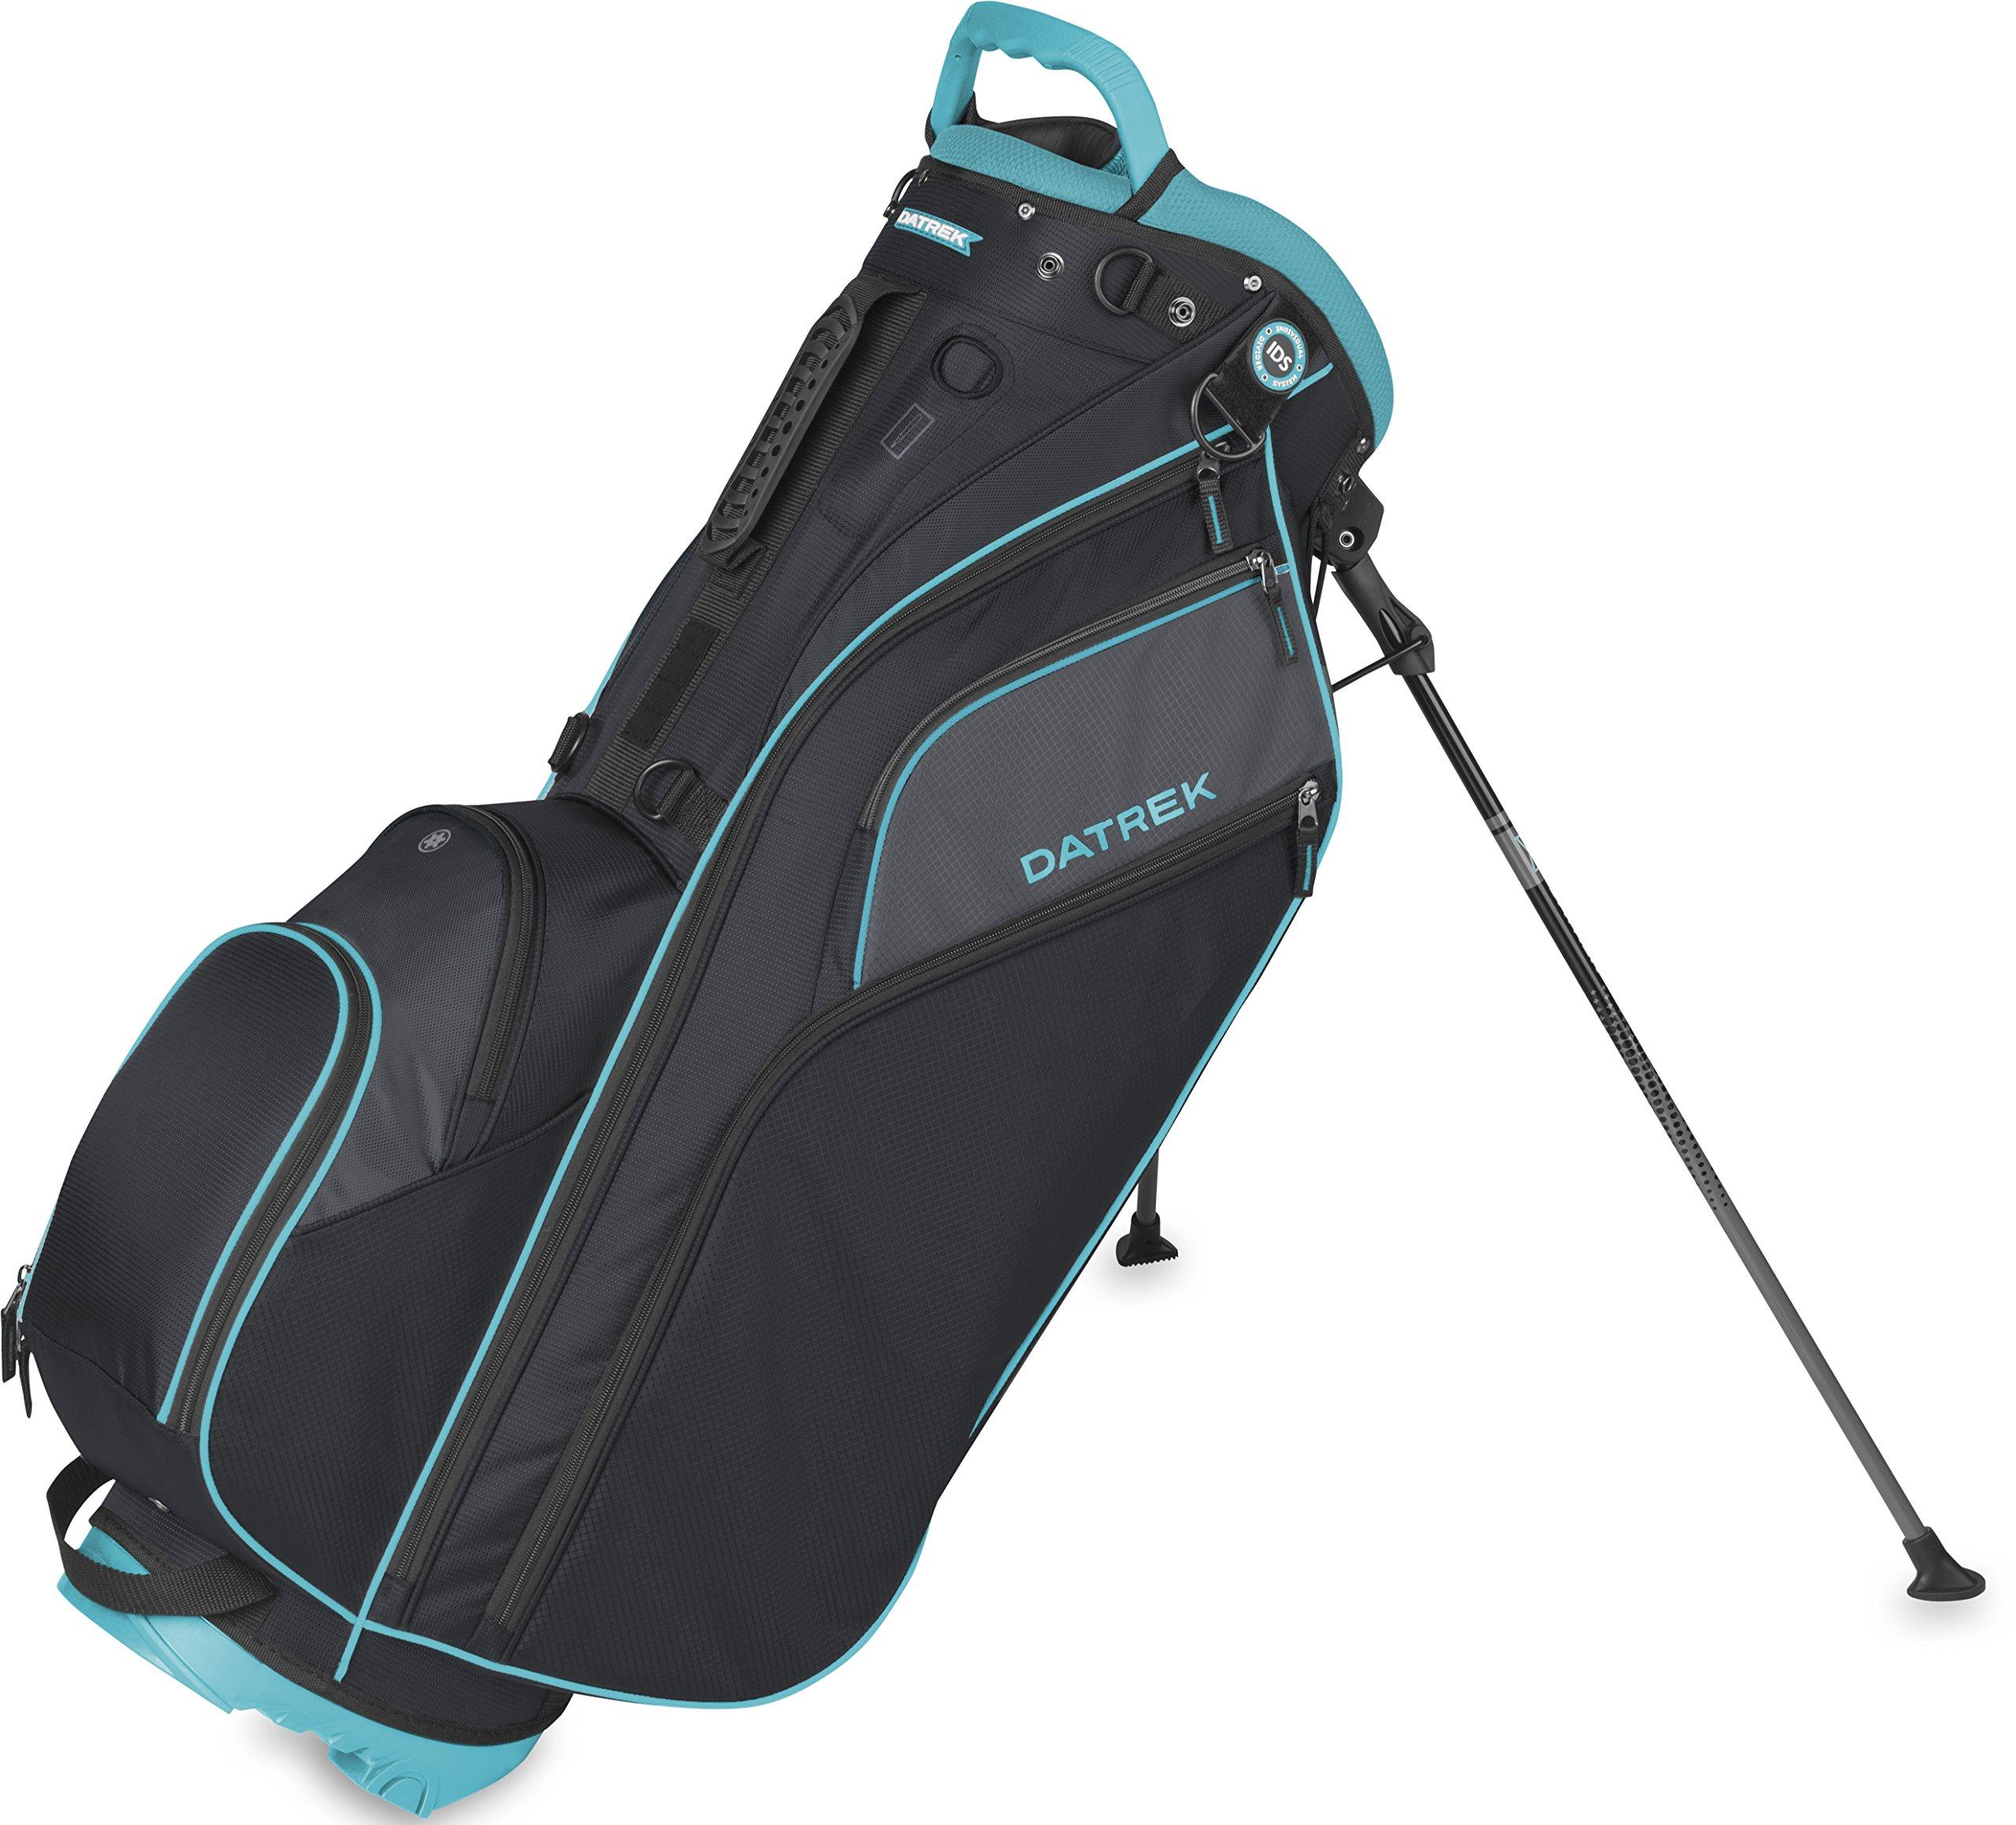 Datrek Golf Go Lite Hybrid Stand Bag (Black/Slate/Turquoise)